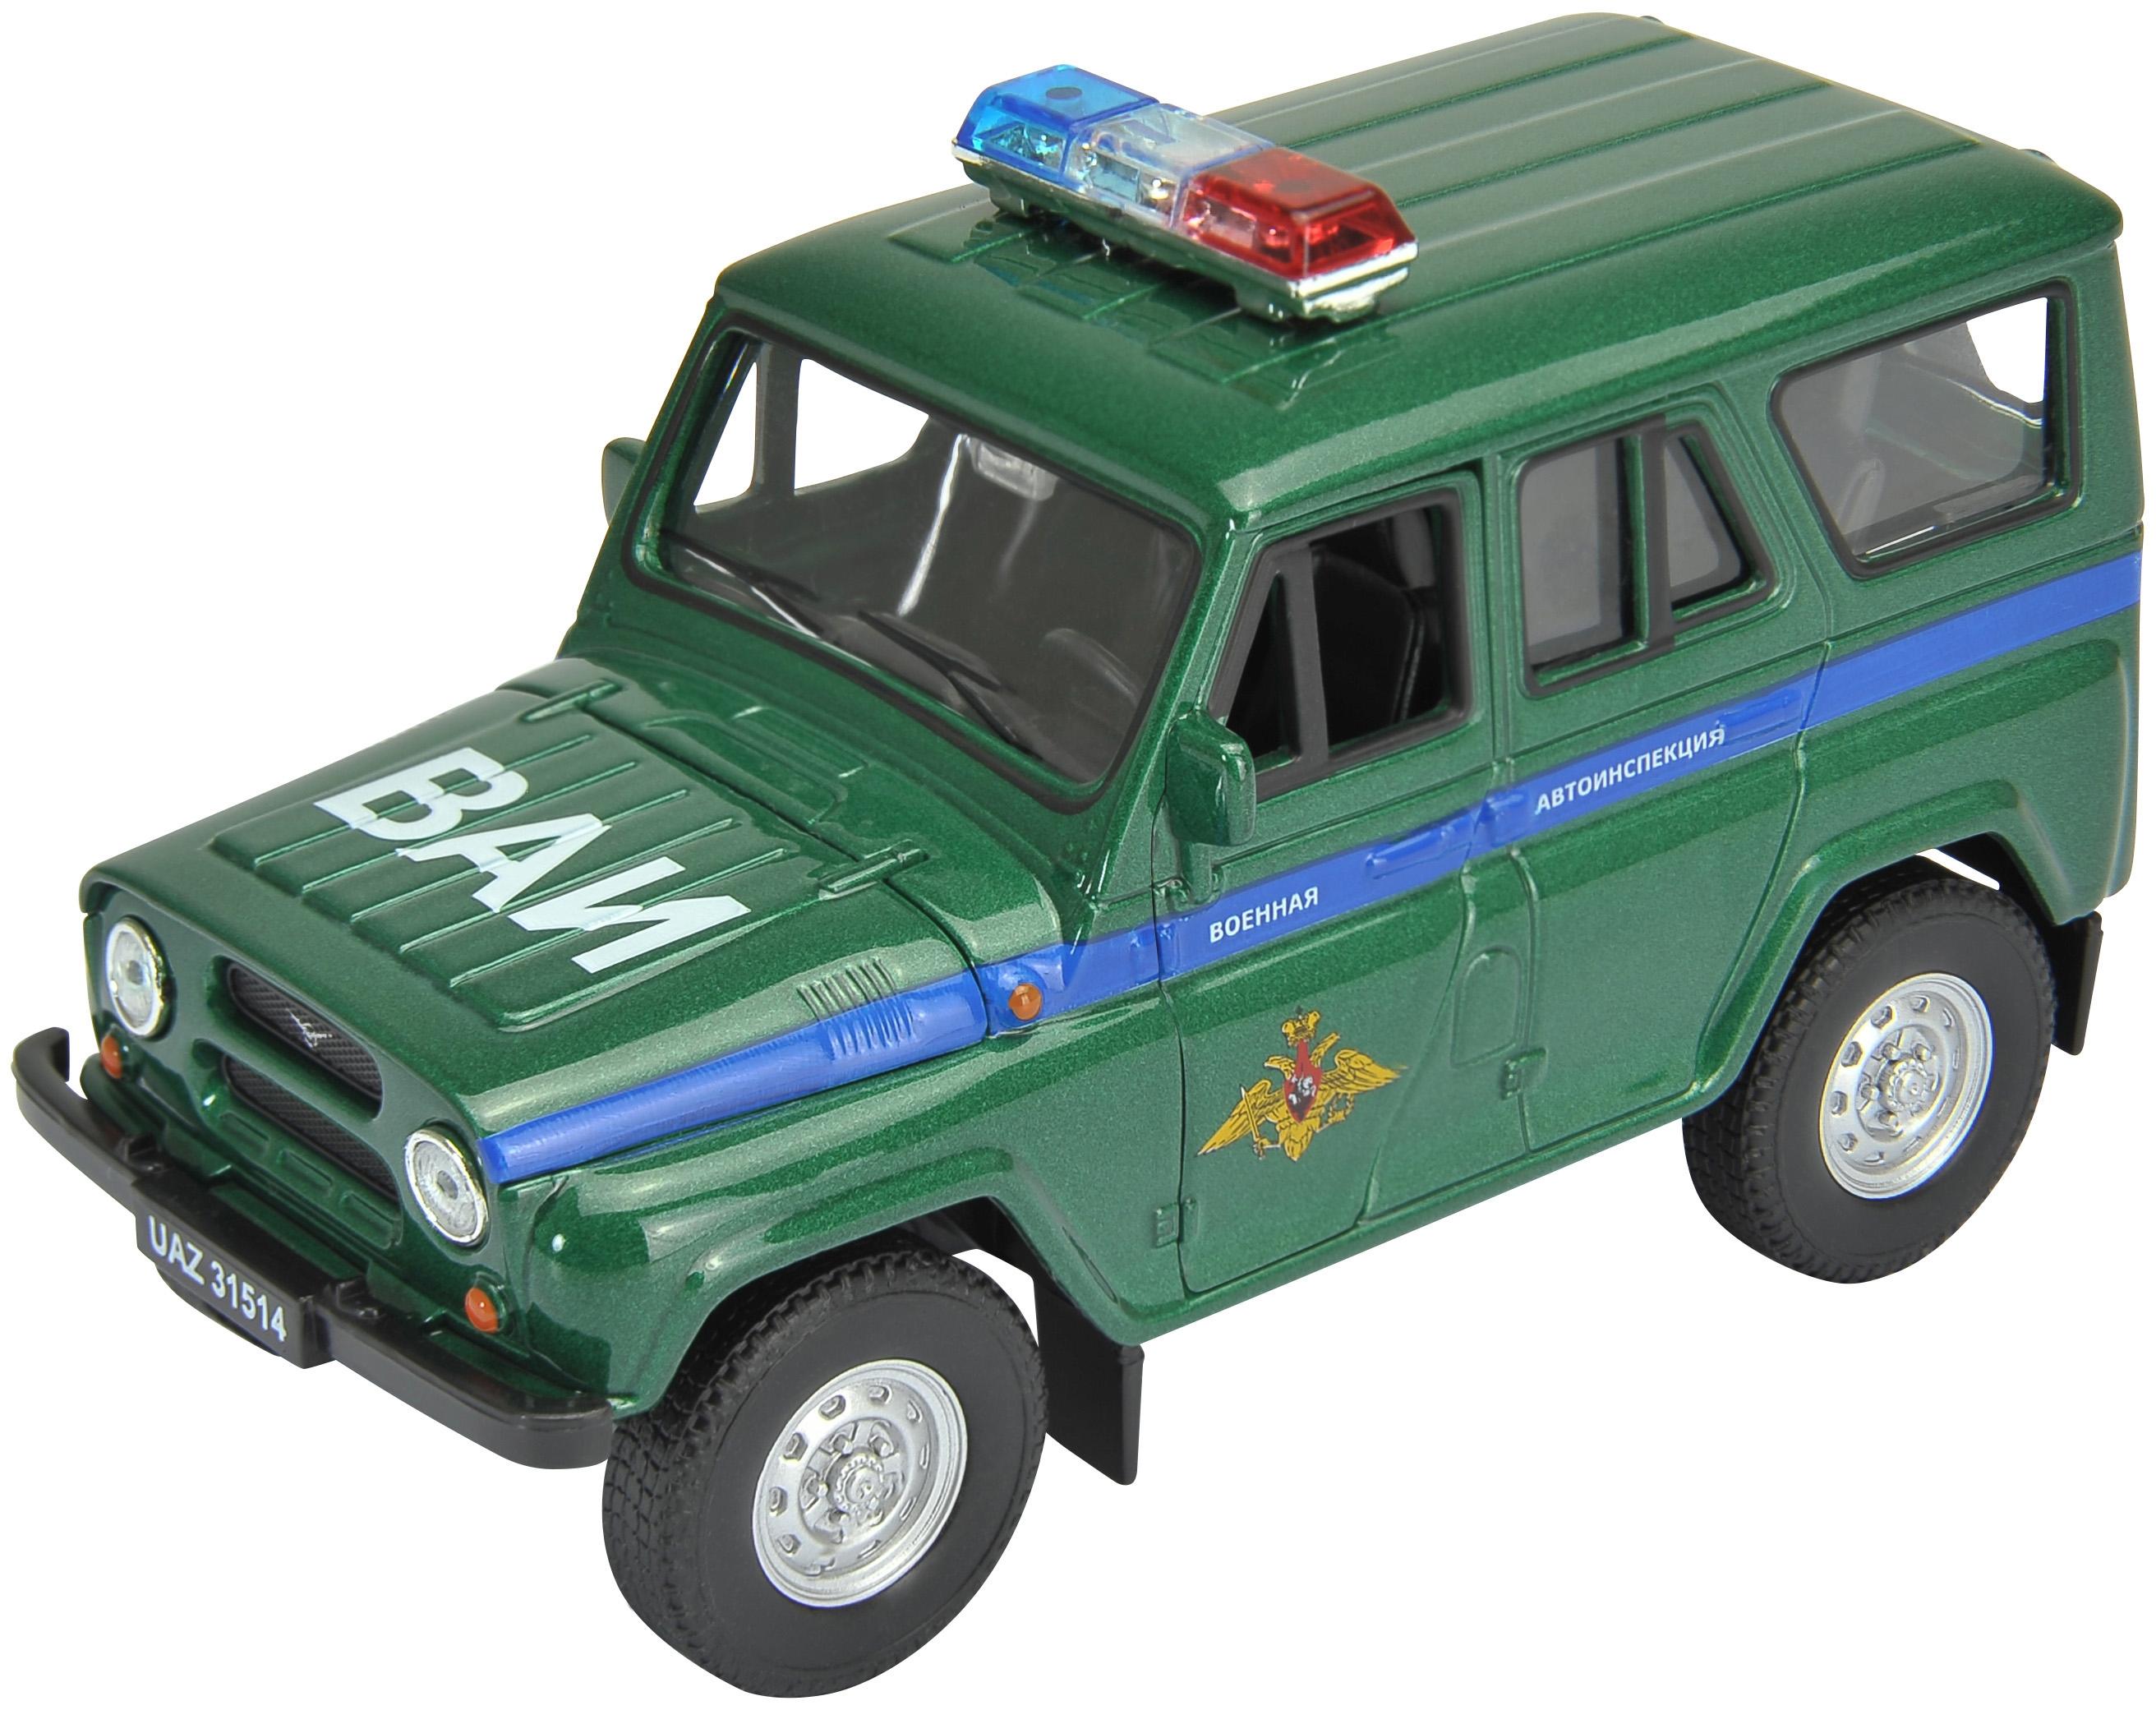 Машинки и мотоциклы Welly УАЗ 31514 Военная инспекция инерционная 1:34 автомобиль welly уаз 31514 военная автоинспекция 1 34 39 зеленый 4891761238070